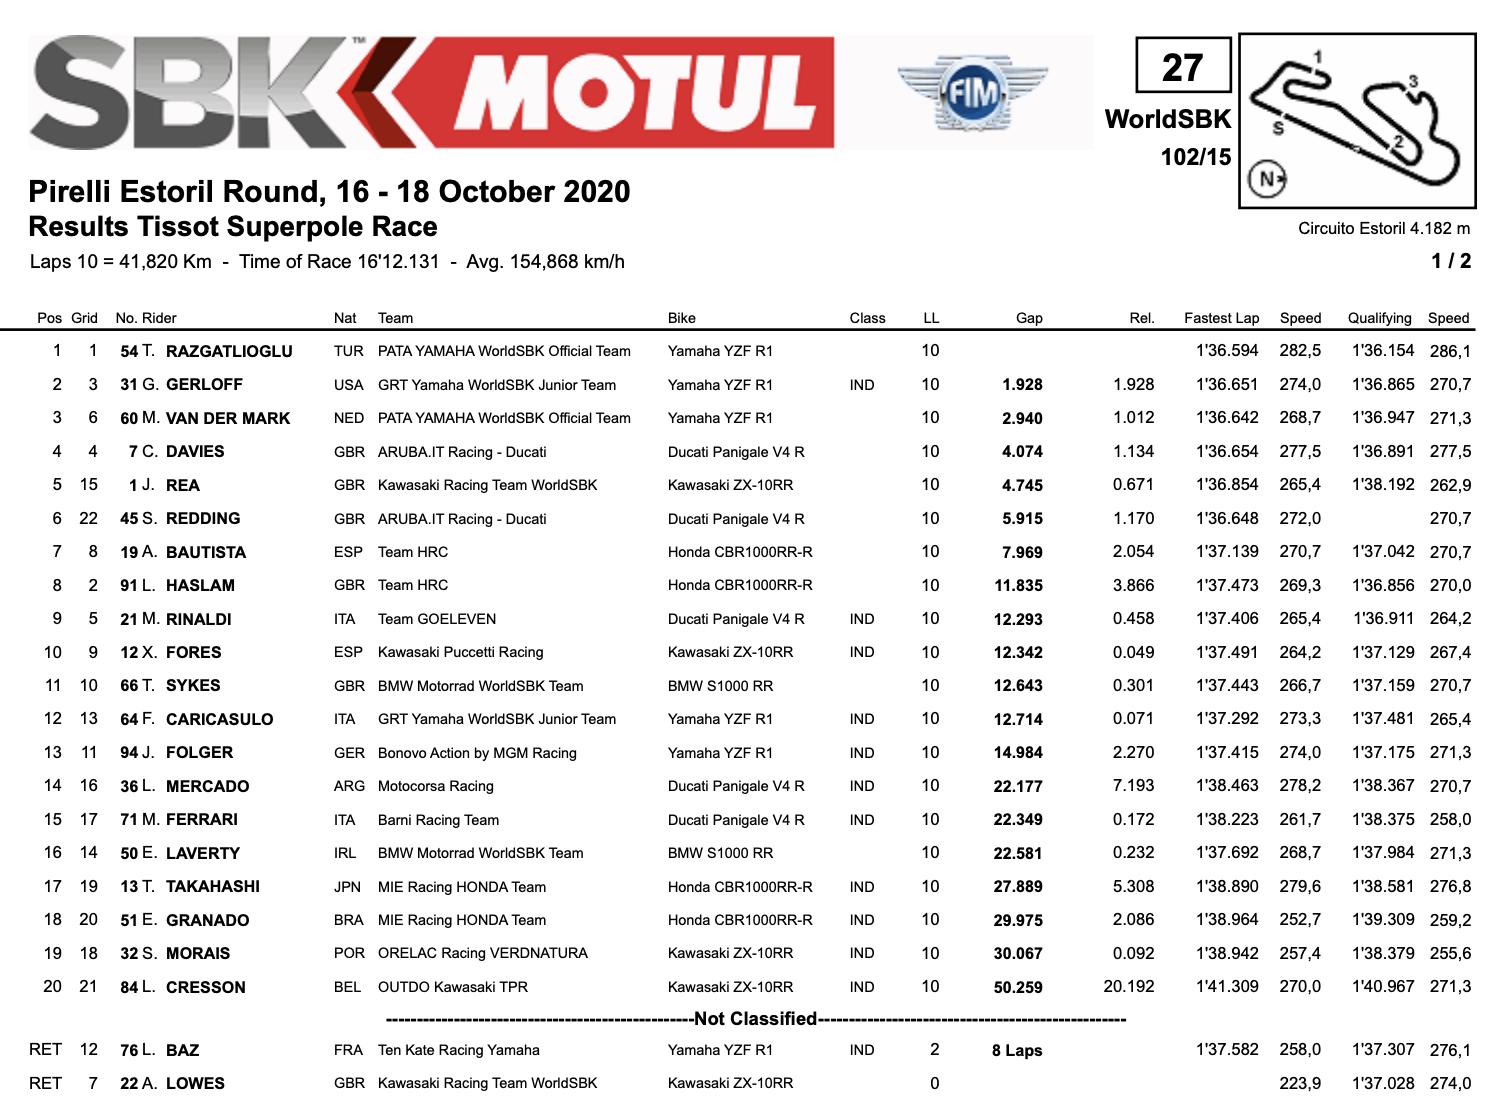 FIM スーパーバイク世界選手権(SBK)エストリル戦 スーパーポールレース結果